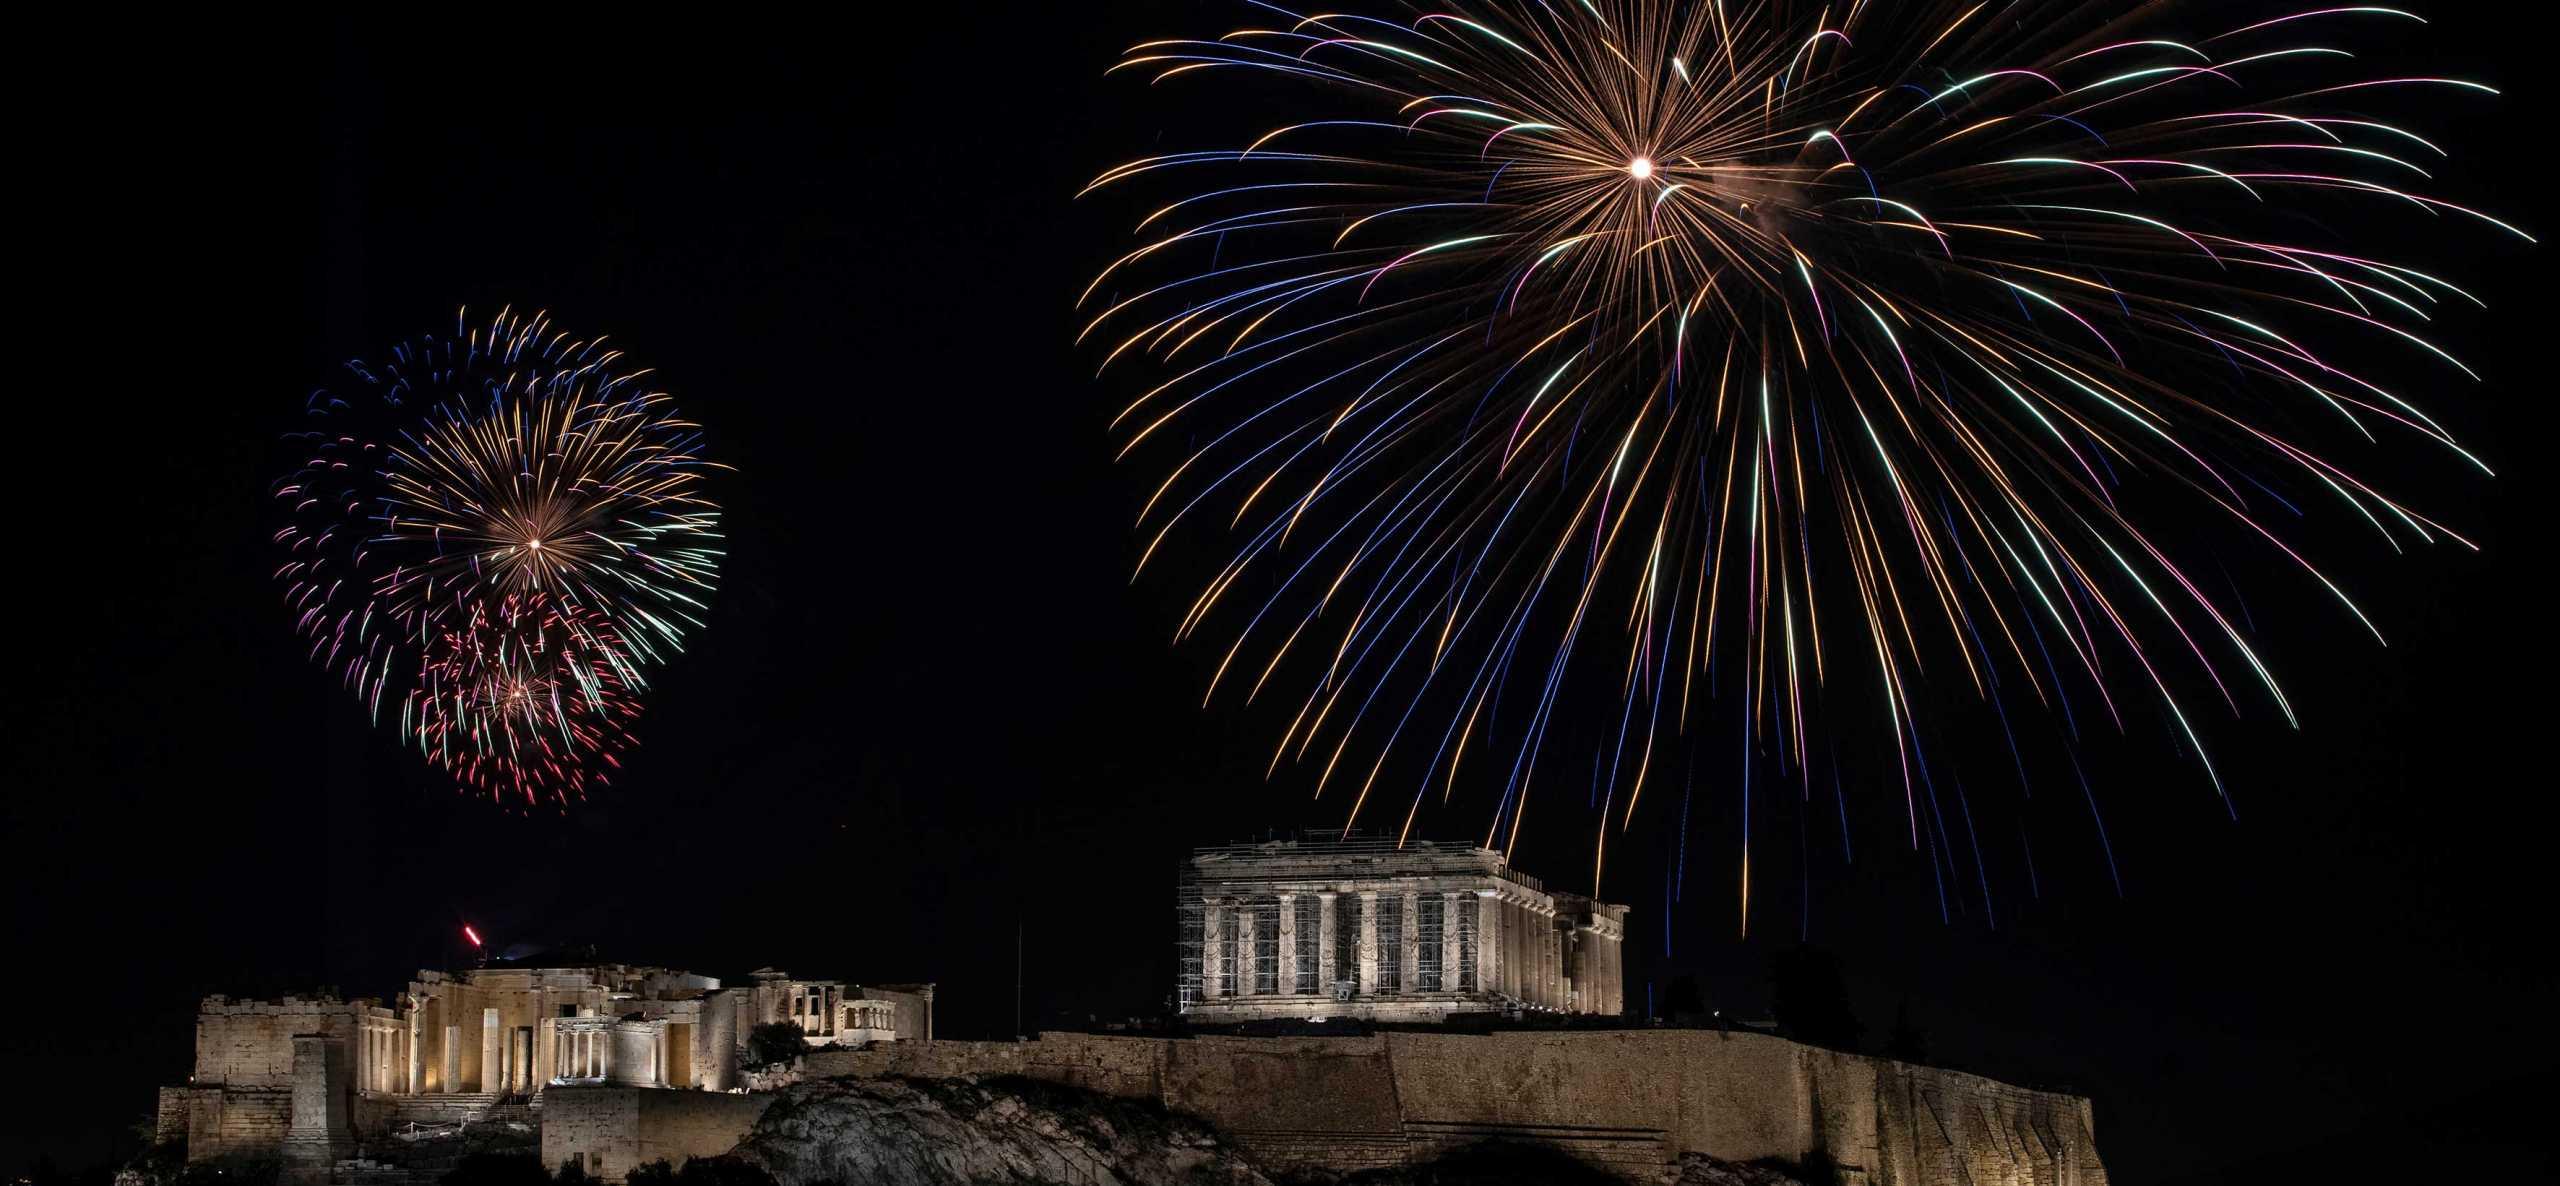 Καλή Πρωτοχρονιά και ευτυχισμένο το 2021: Υπέροχες εικόνες από την Αθήνα και τον Πειραιά